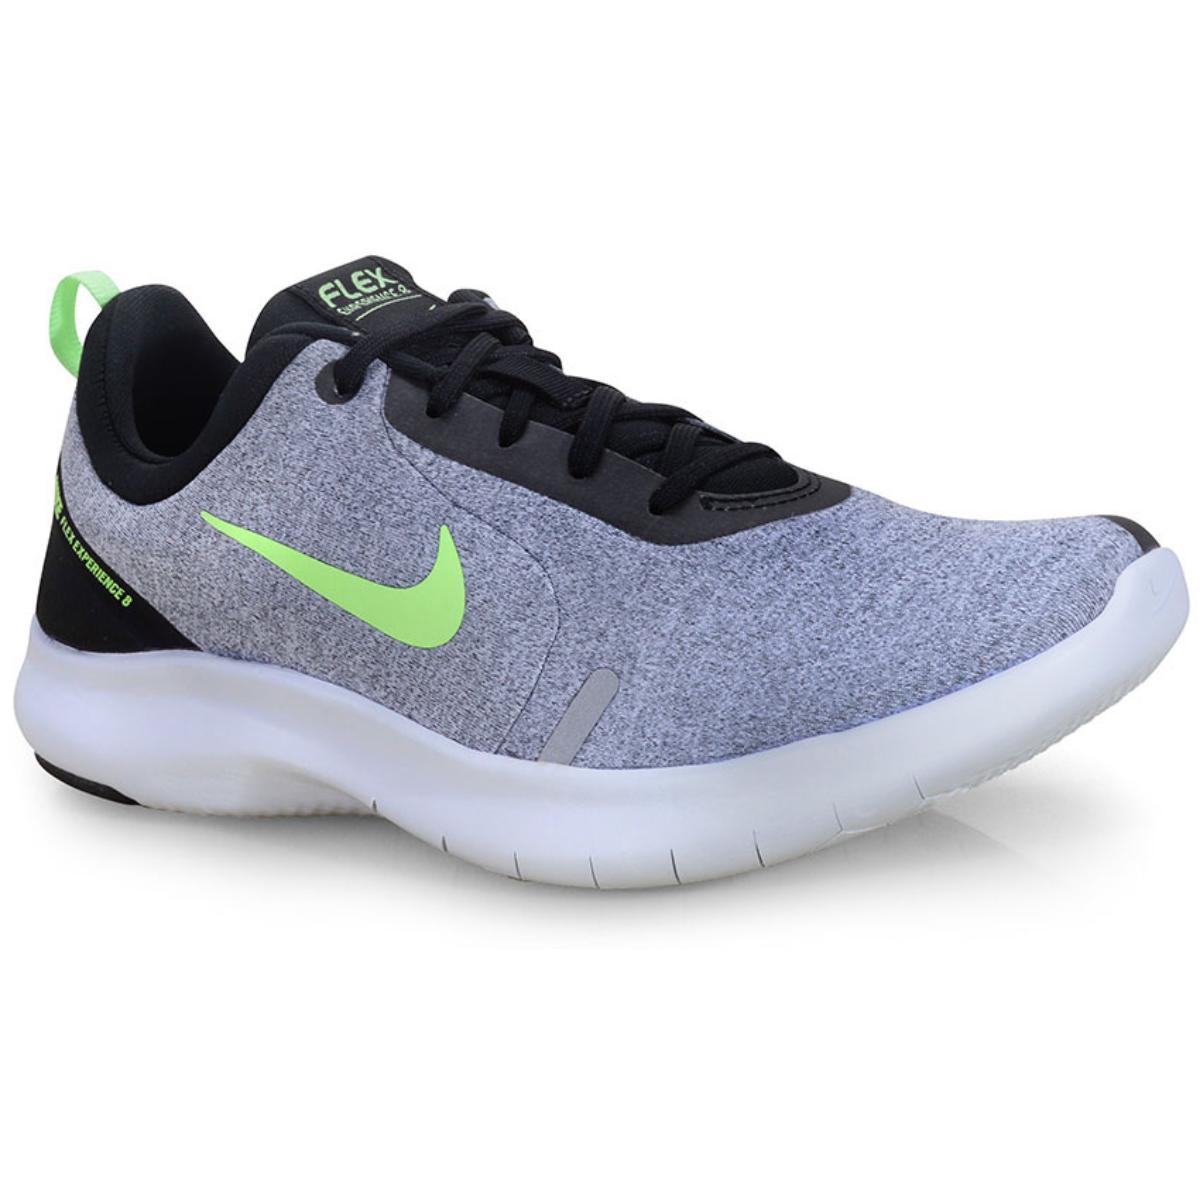 Tênis Masculino Nike Aj5900-002 Flex Experience rn 8 Cinza/limão